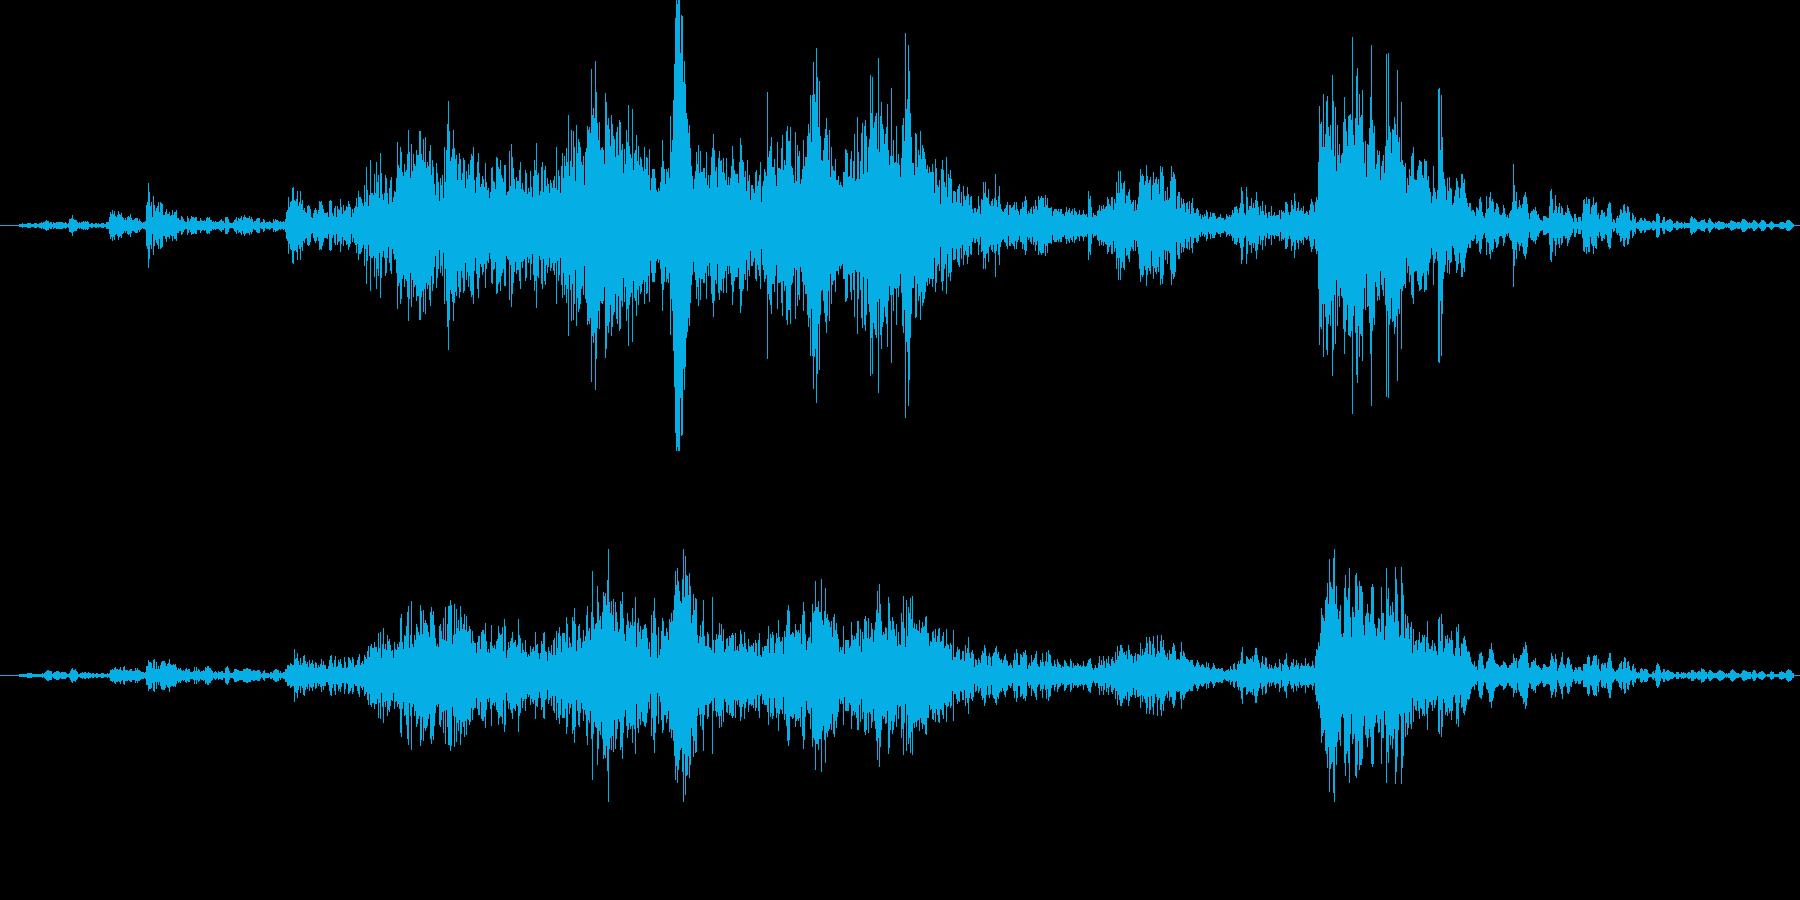 (ガラガラ)玄関を閉める音 (音量大)の再生済みの波形